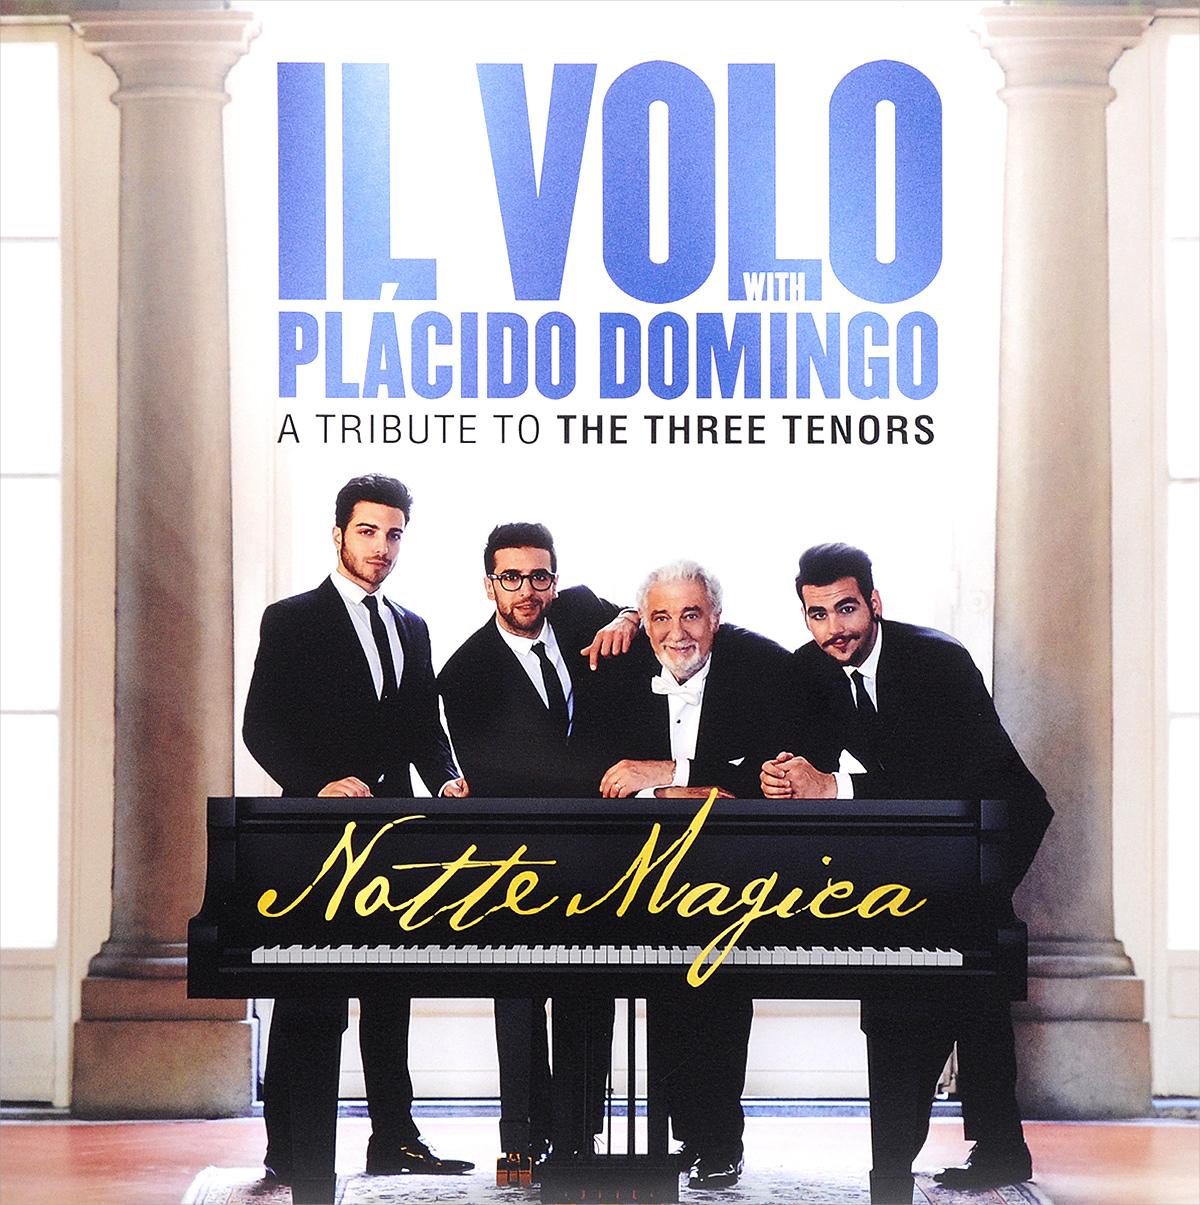 Il Volo,Пласидо Доминго Il Volo With Placido Domingo. Notte Magica. A Tribute To The Three Tenors (2 LP) il volo passariano